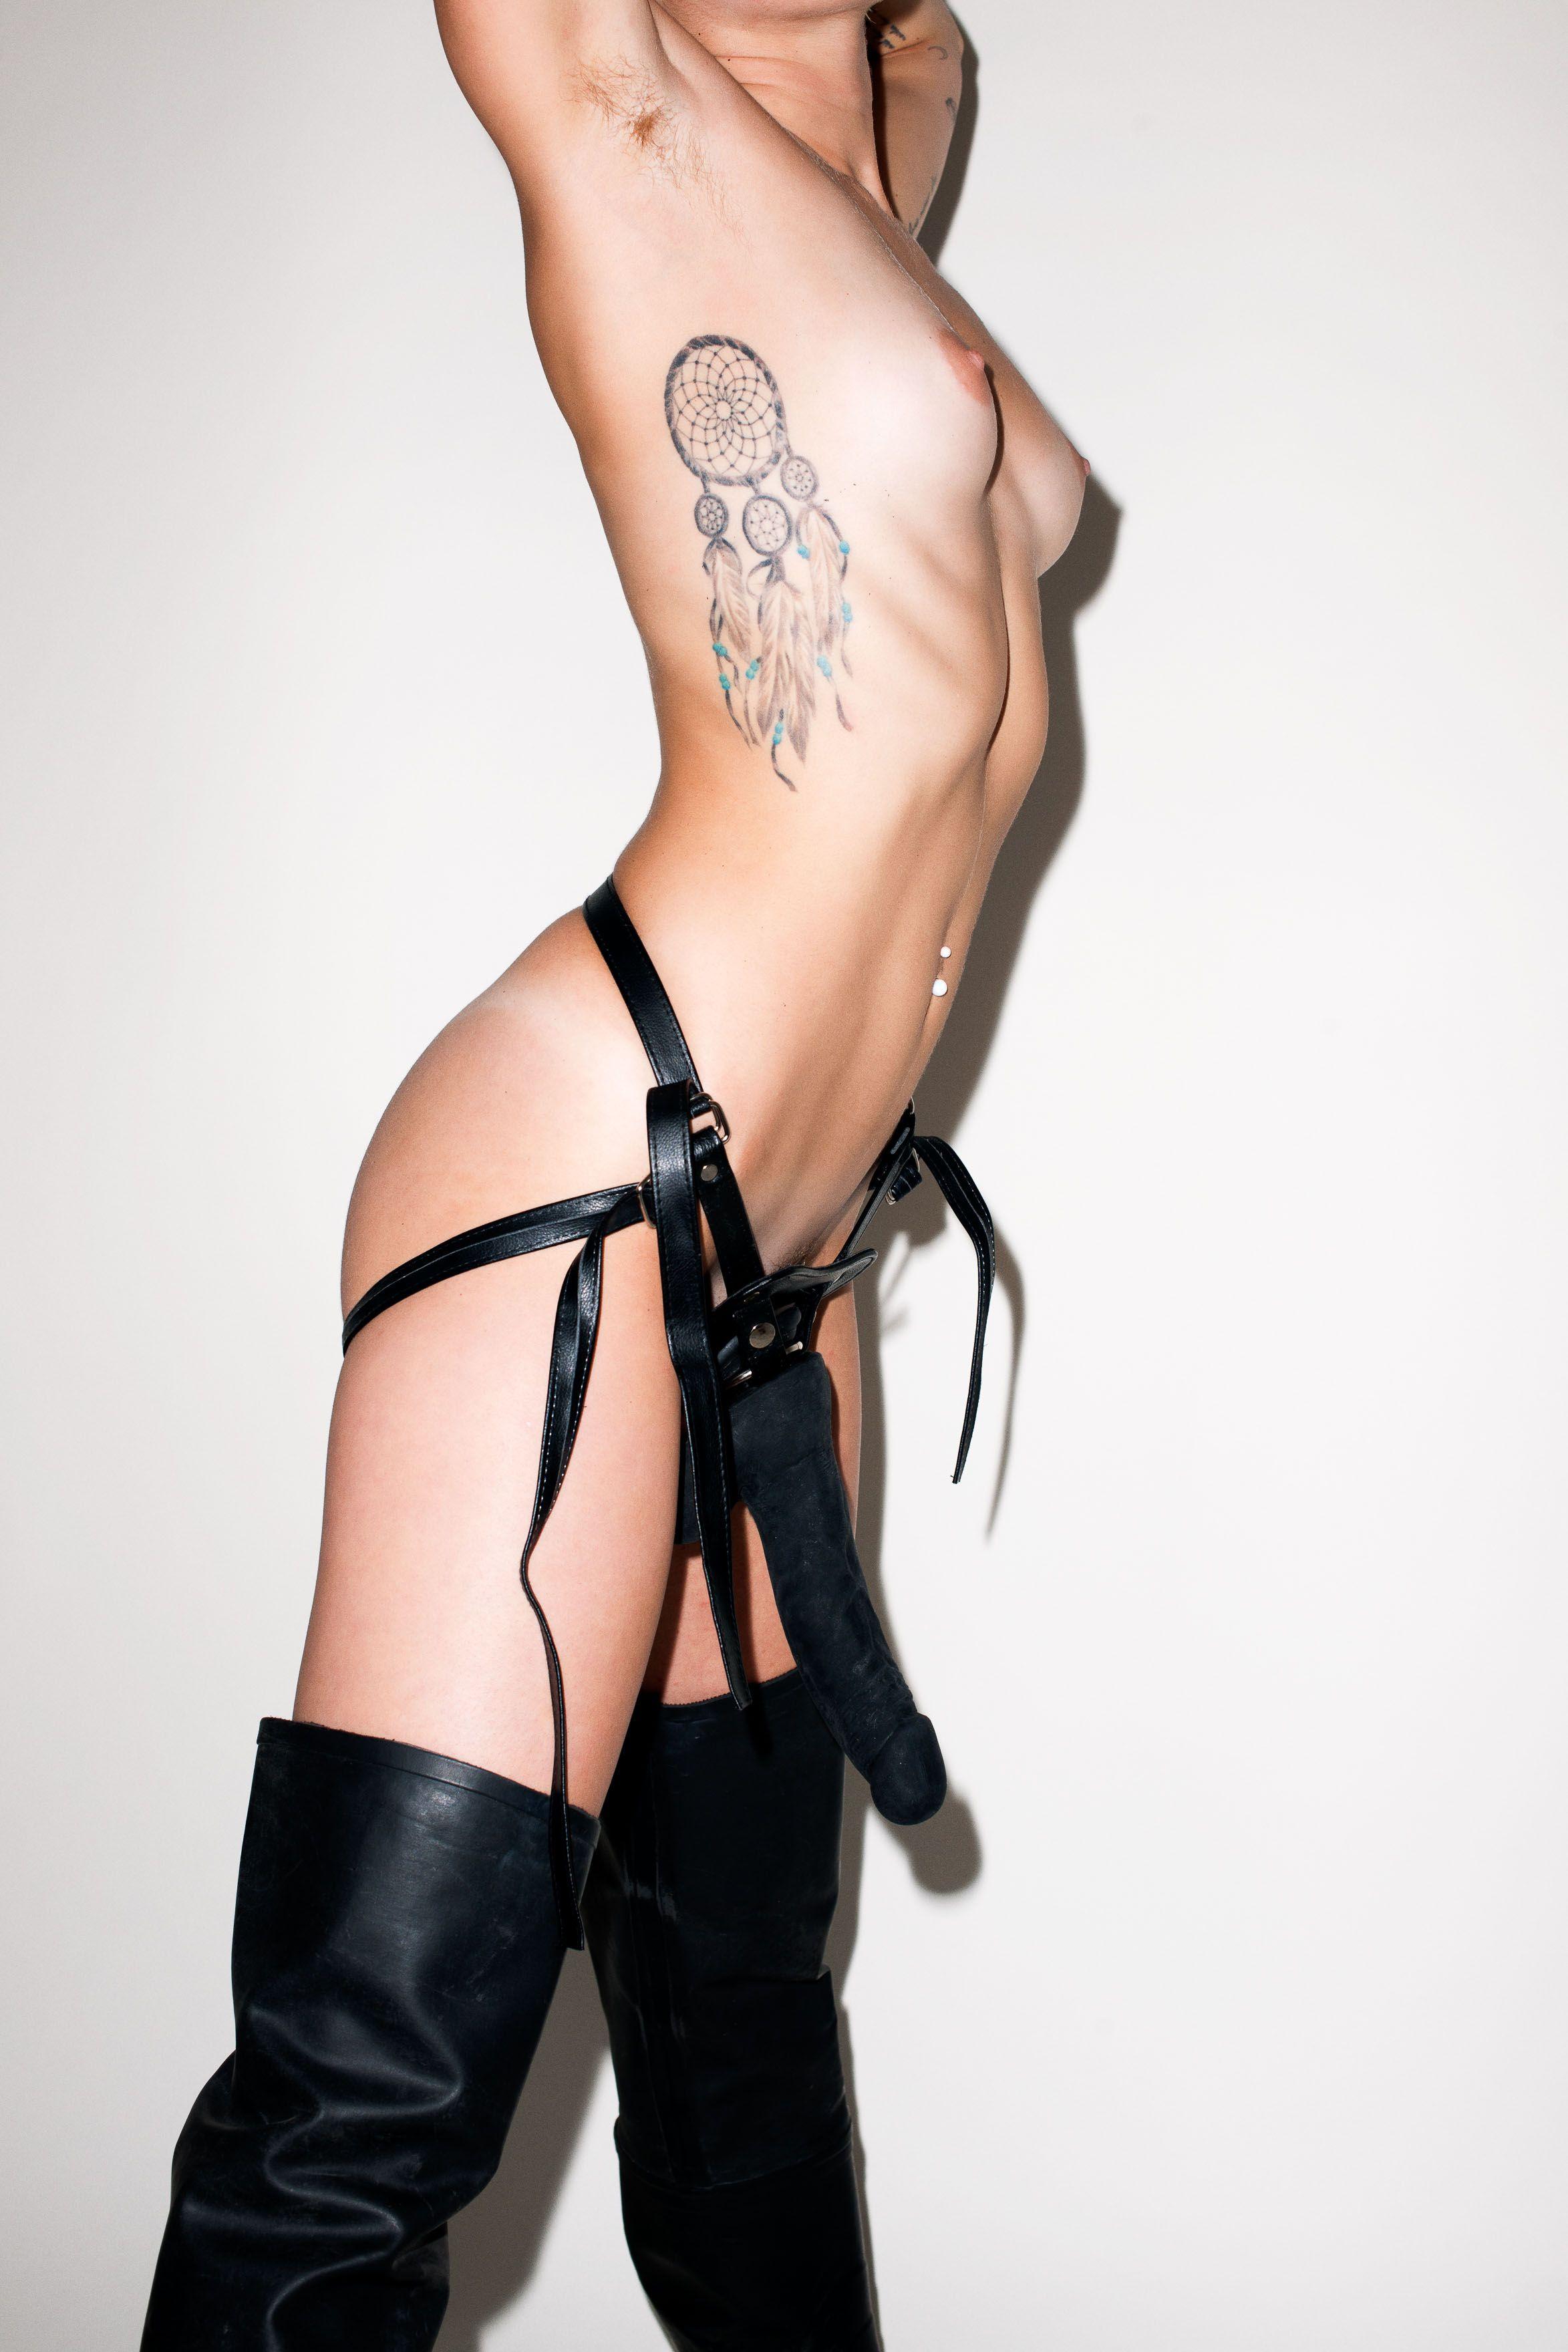 Miley Cyrus posing